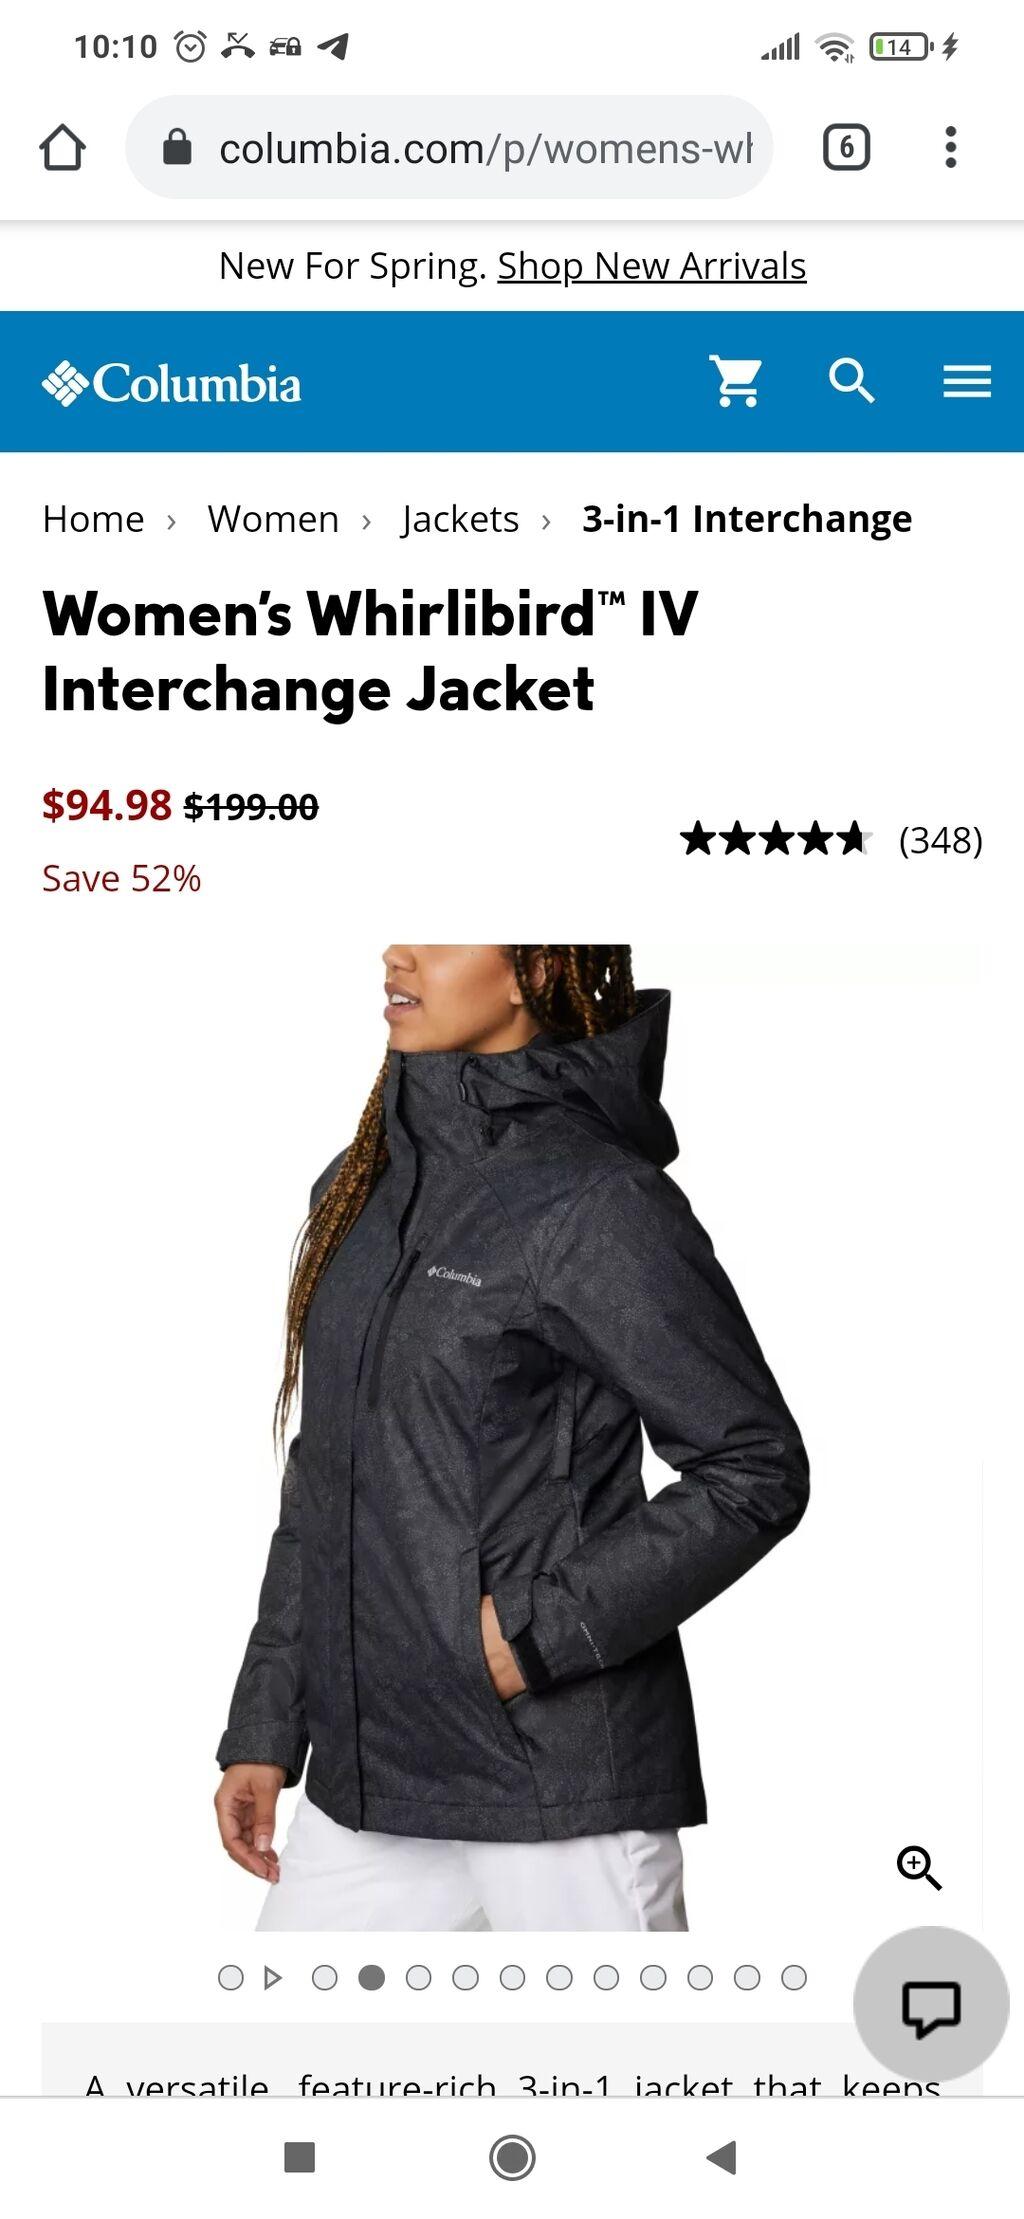 Продаю куртку. Заказывали с США, ошиблись размером: Продаю куртку. Заказывали с США, ошиблись размером